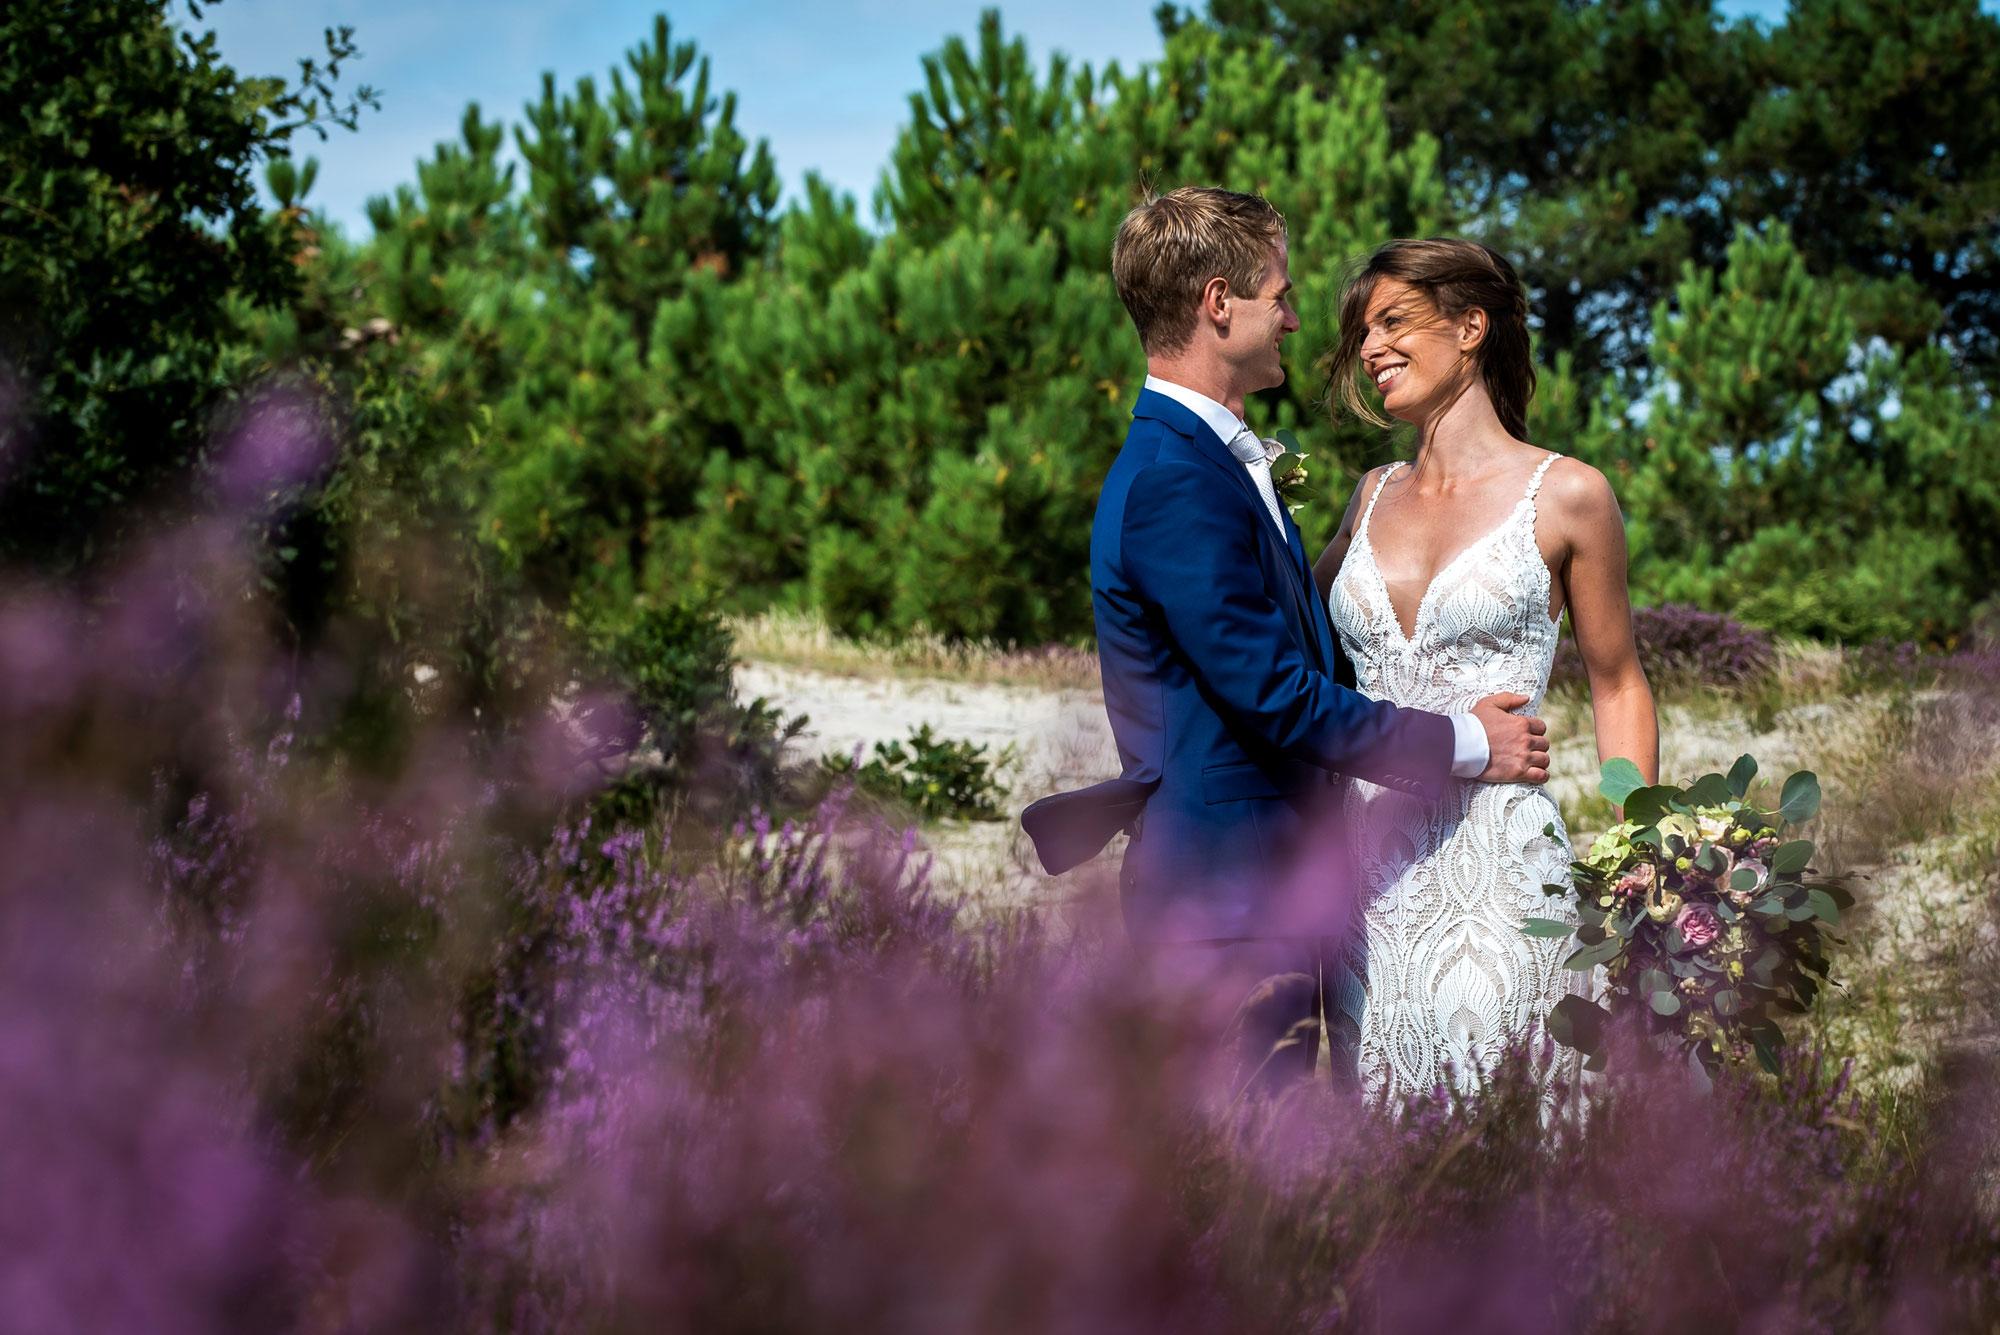 Corali Photography, huwelijksfotograaf in Groet (Noord-Holland)